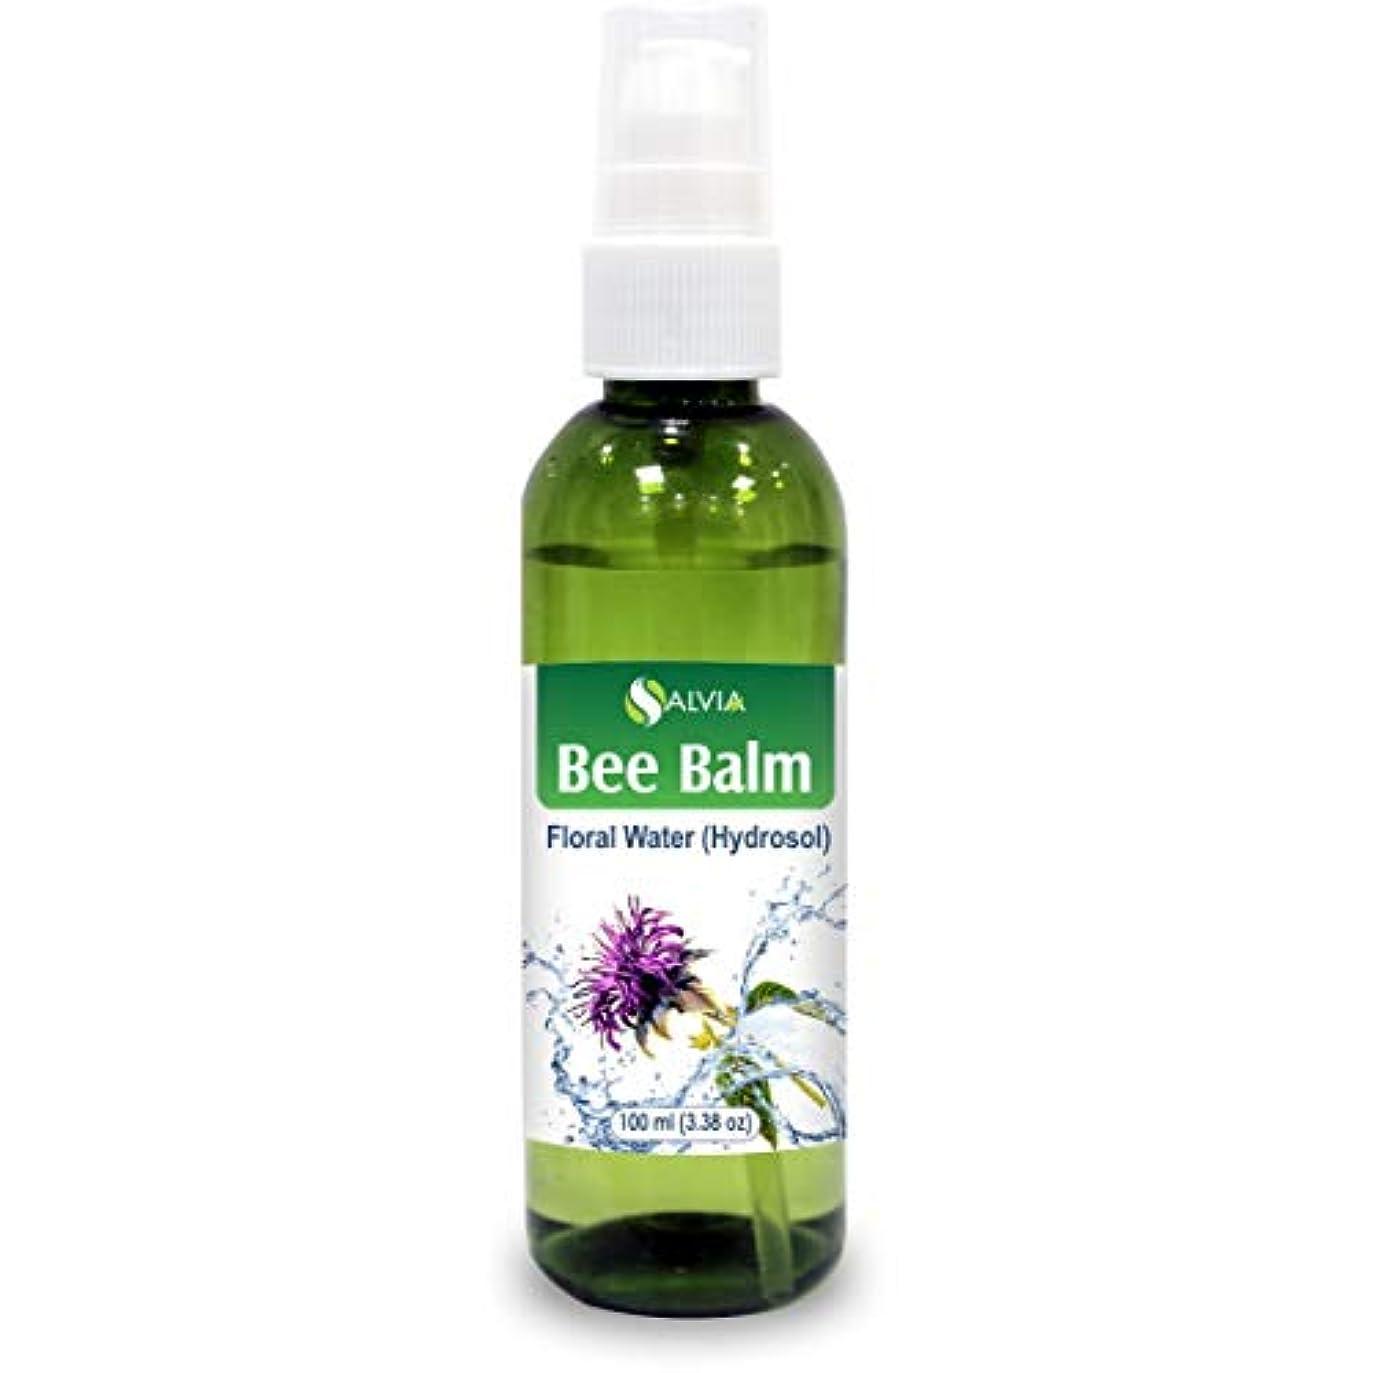 北へ机掃くBee Balm Floral Water 100ml (Hydrosol) 100% Pure And Natural